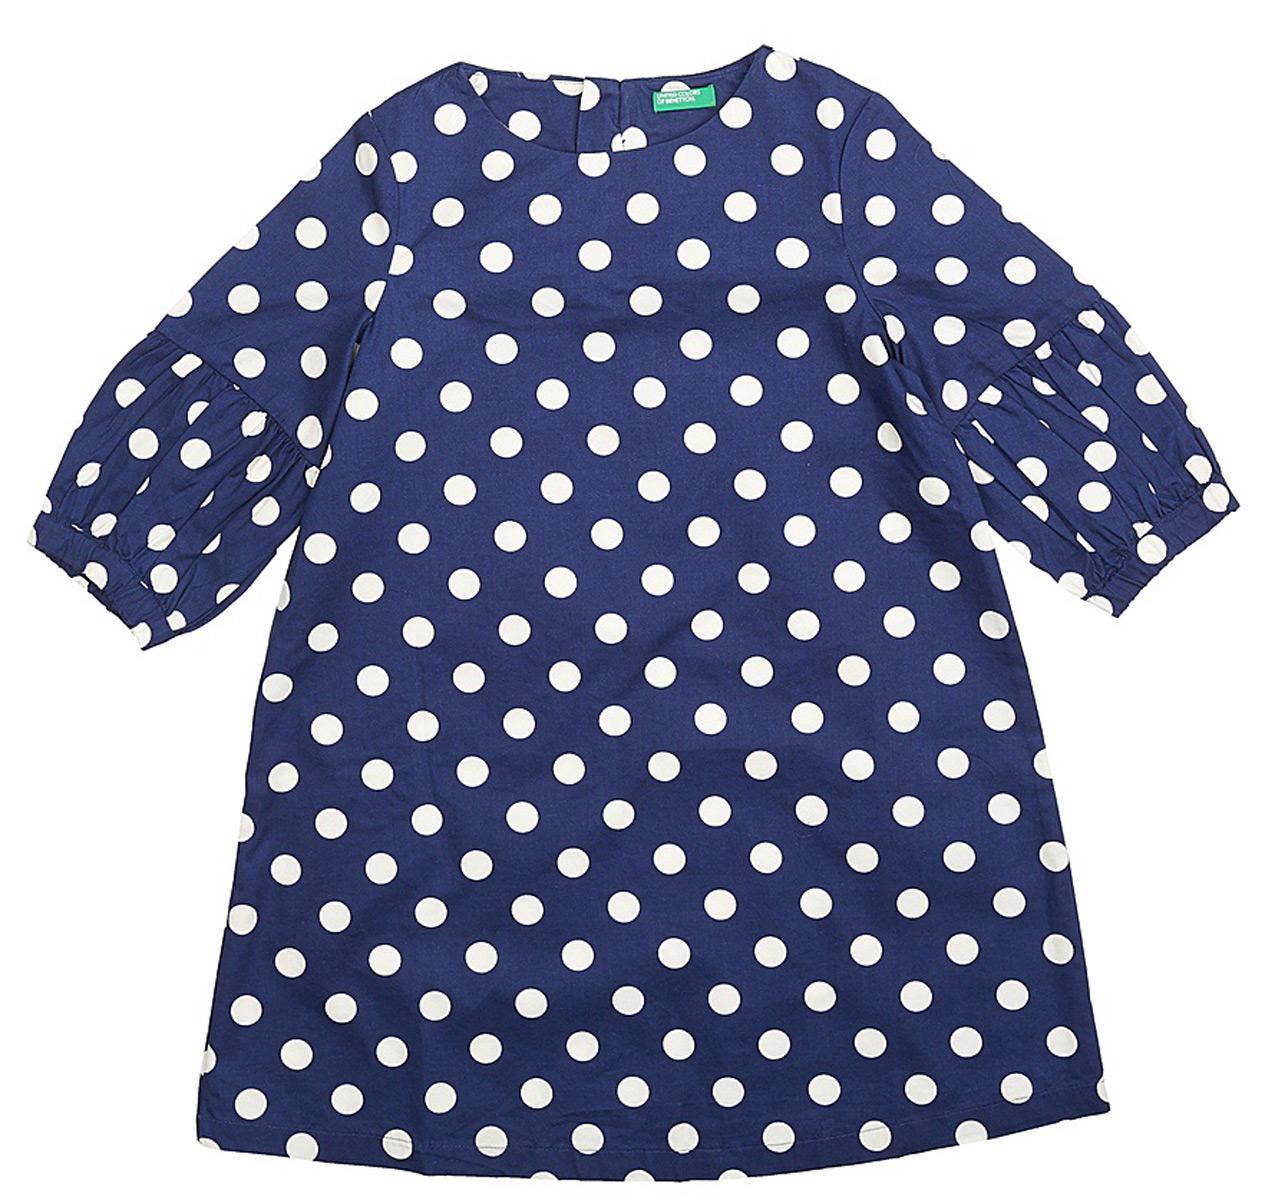 Платье для девочек United Colors of Benetton, цвет: синий. 4XU15V8M0_902. Размер 1204XU15V8M0_902Платье от United Colors of Benetton выполнено из натурального хлопка. Модель трапециевидного кроя с длинными рукавами и круглым вырезом горловины на спинке застегивается на пуговицы.